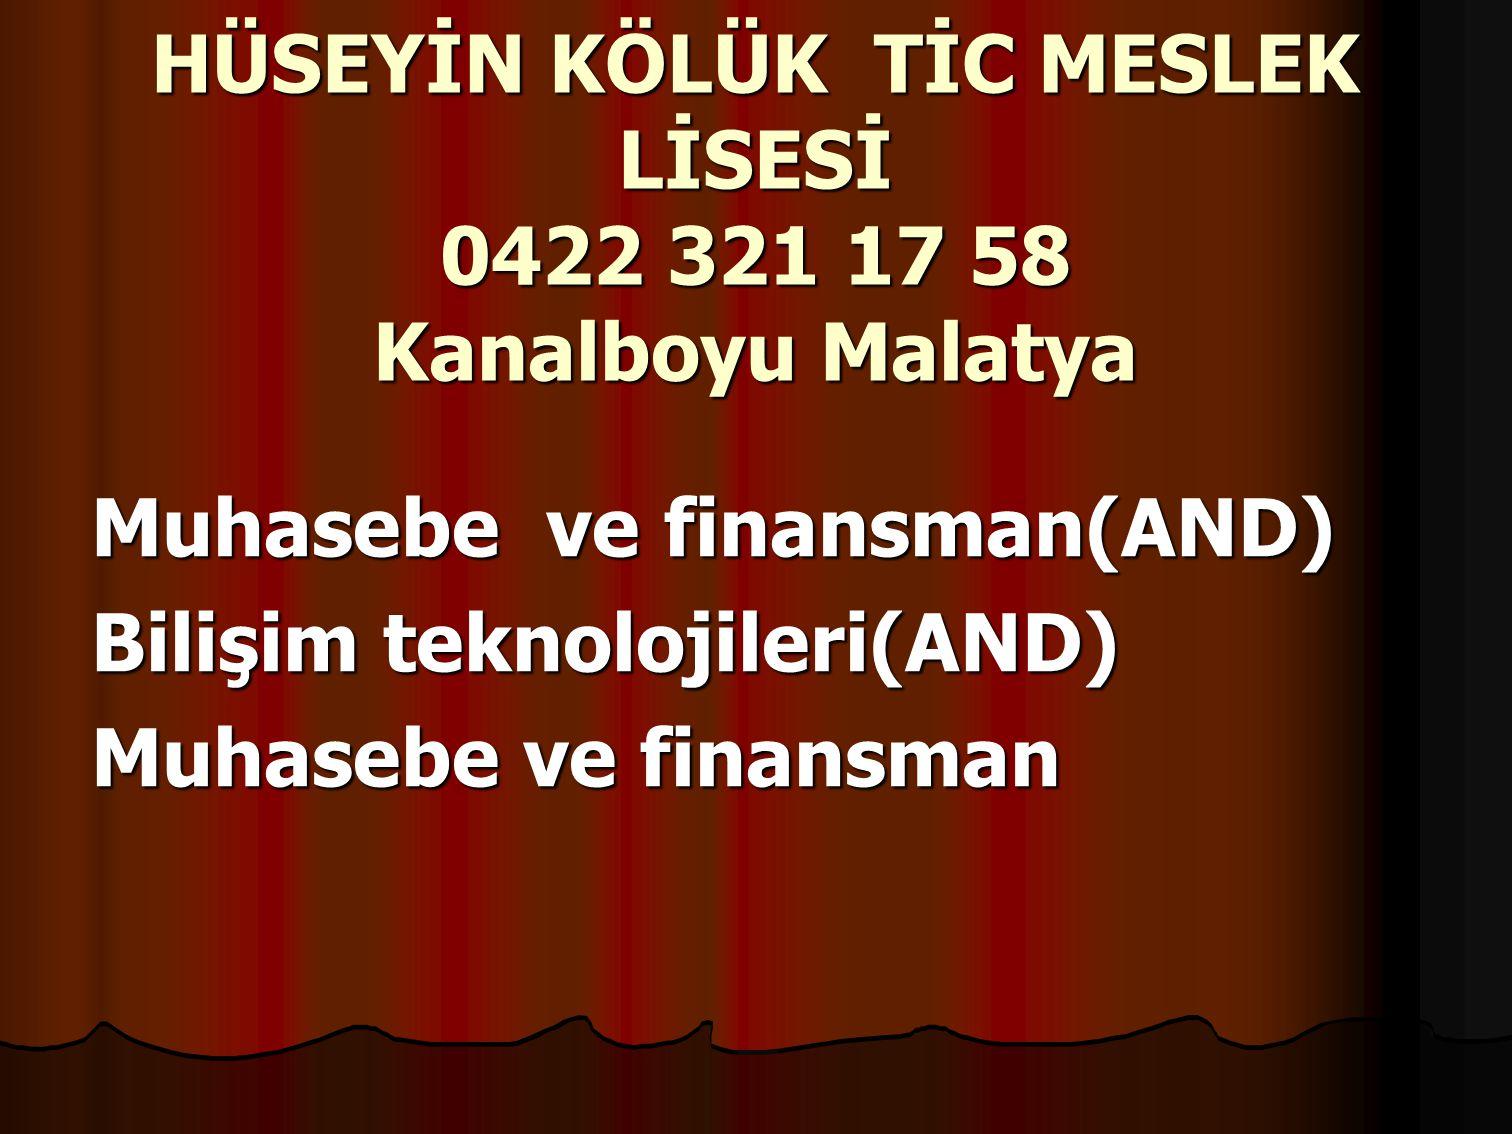 HÜSEYİN KÖLÜK TİC MESLEK LİSESİ 0422 321 17 58 Kanalboyu Malatya Muhasebe ve finansman(AND) Bilişim teknolojileri(AND) Muhasebe ve finansman